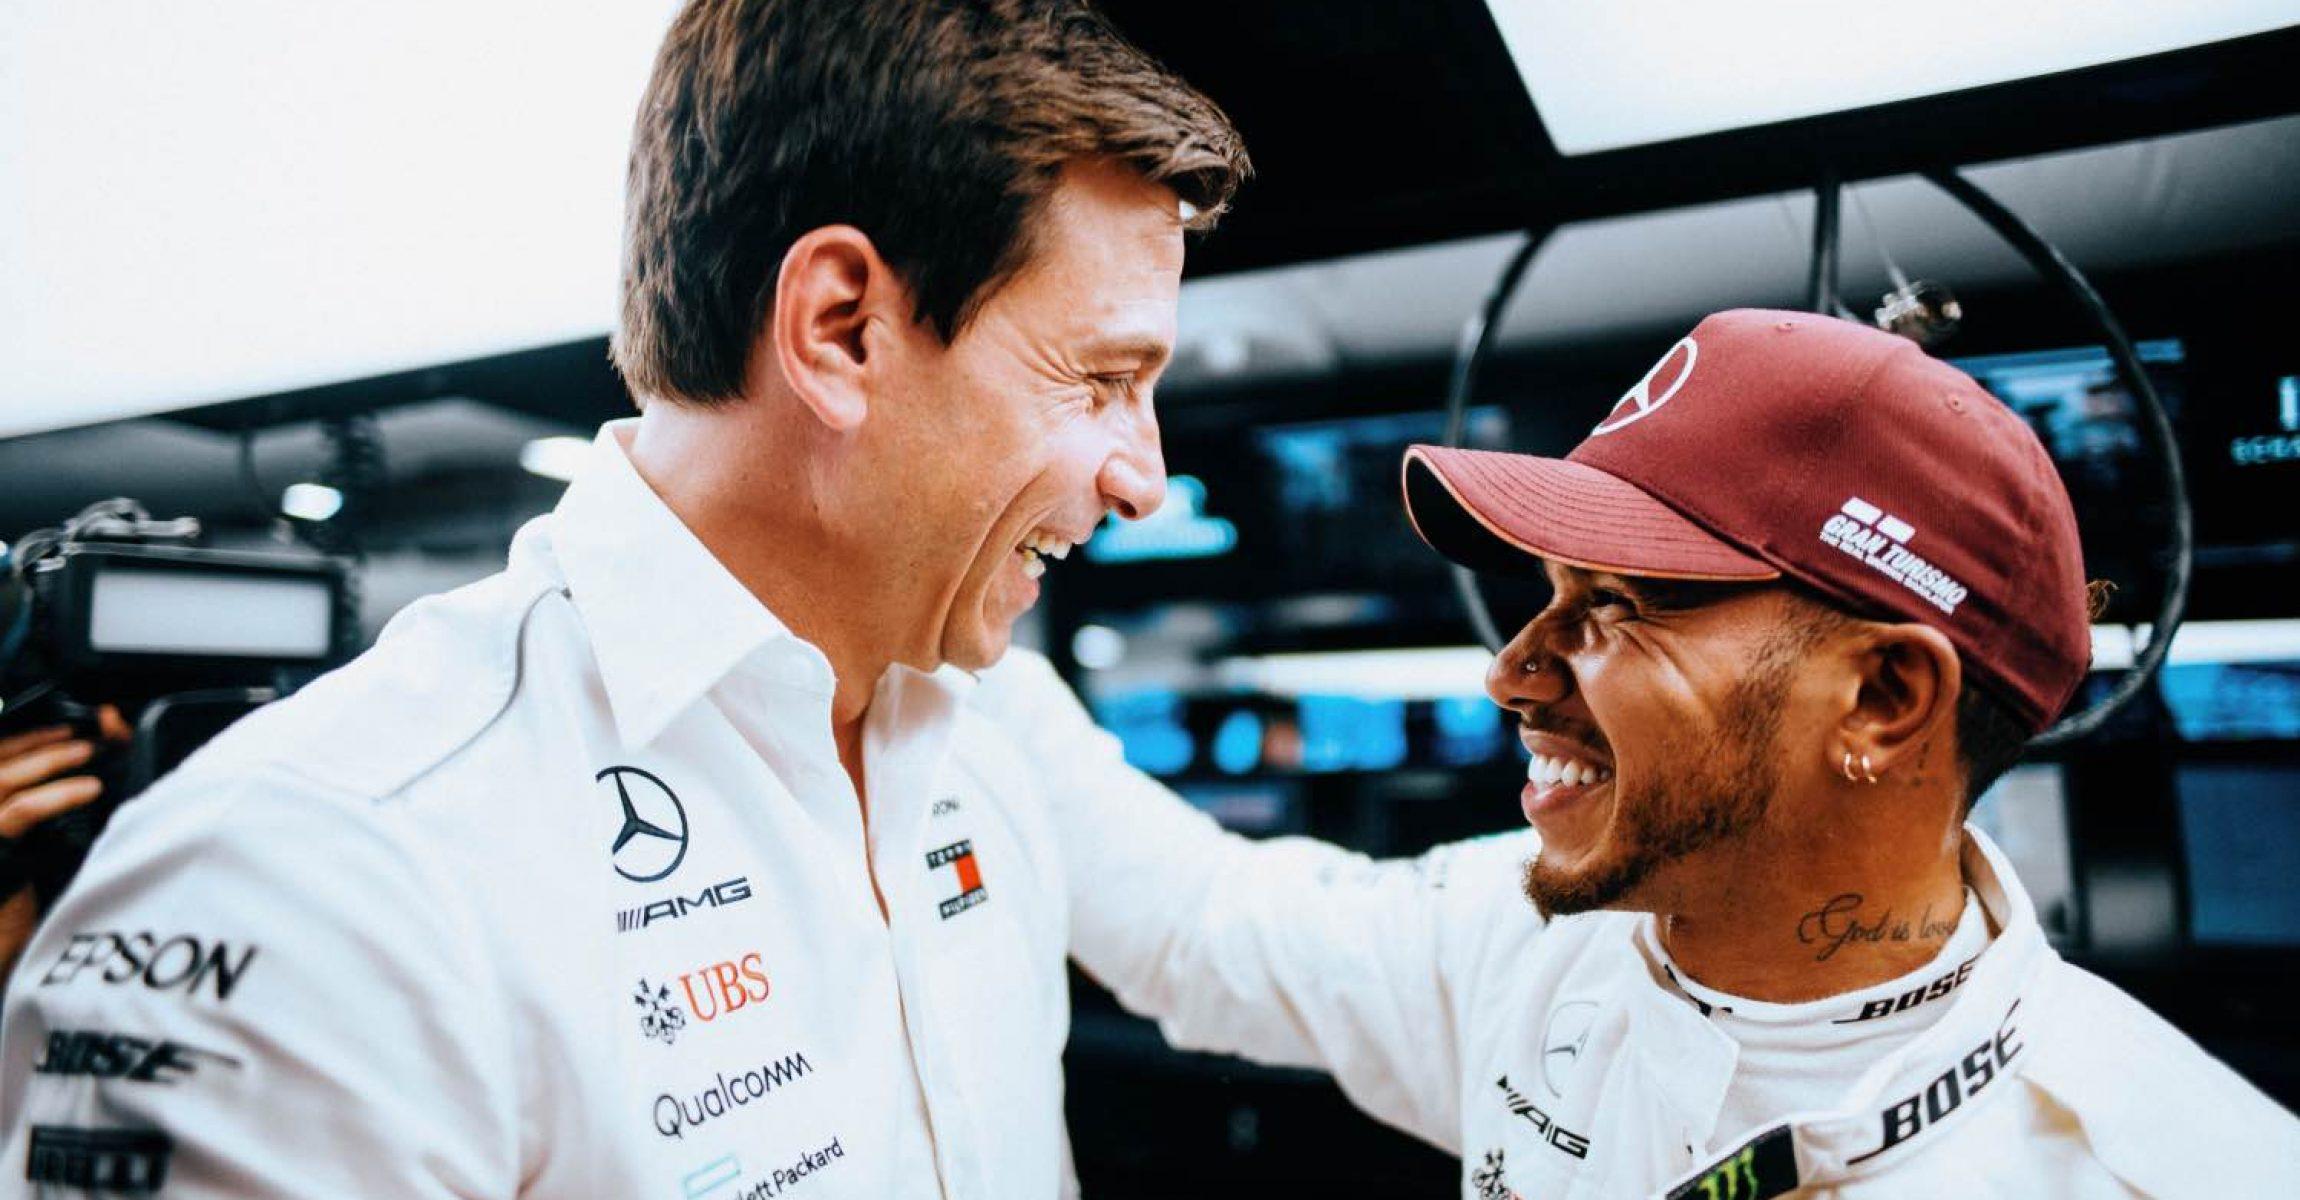 2018 Großer Preis von Singapur, Samstag - Paul Ripke Toto Wolff Mercedes Lewis Hamilton